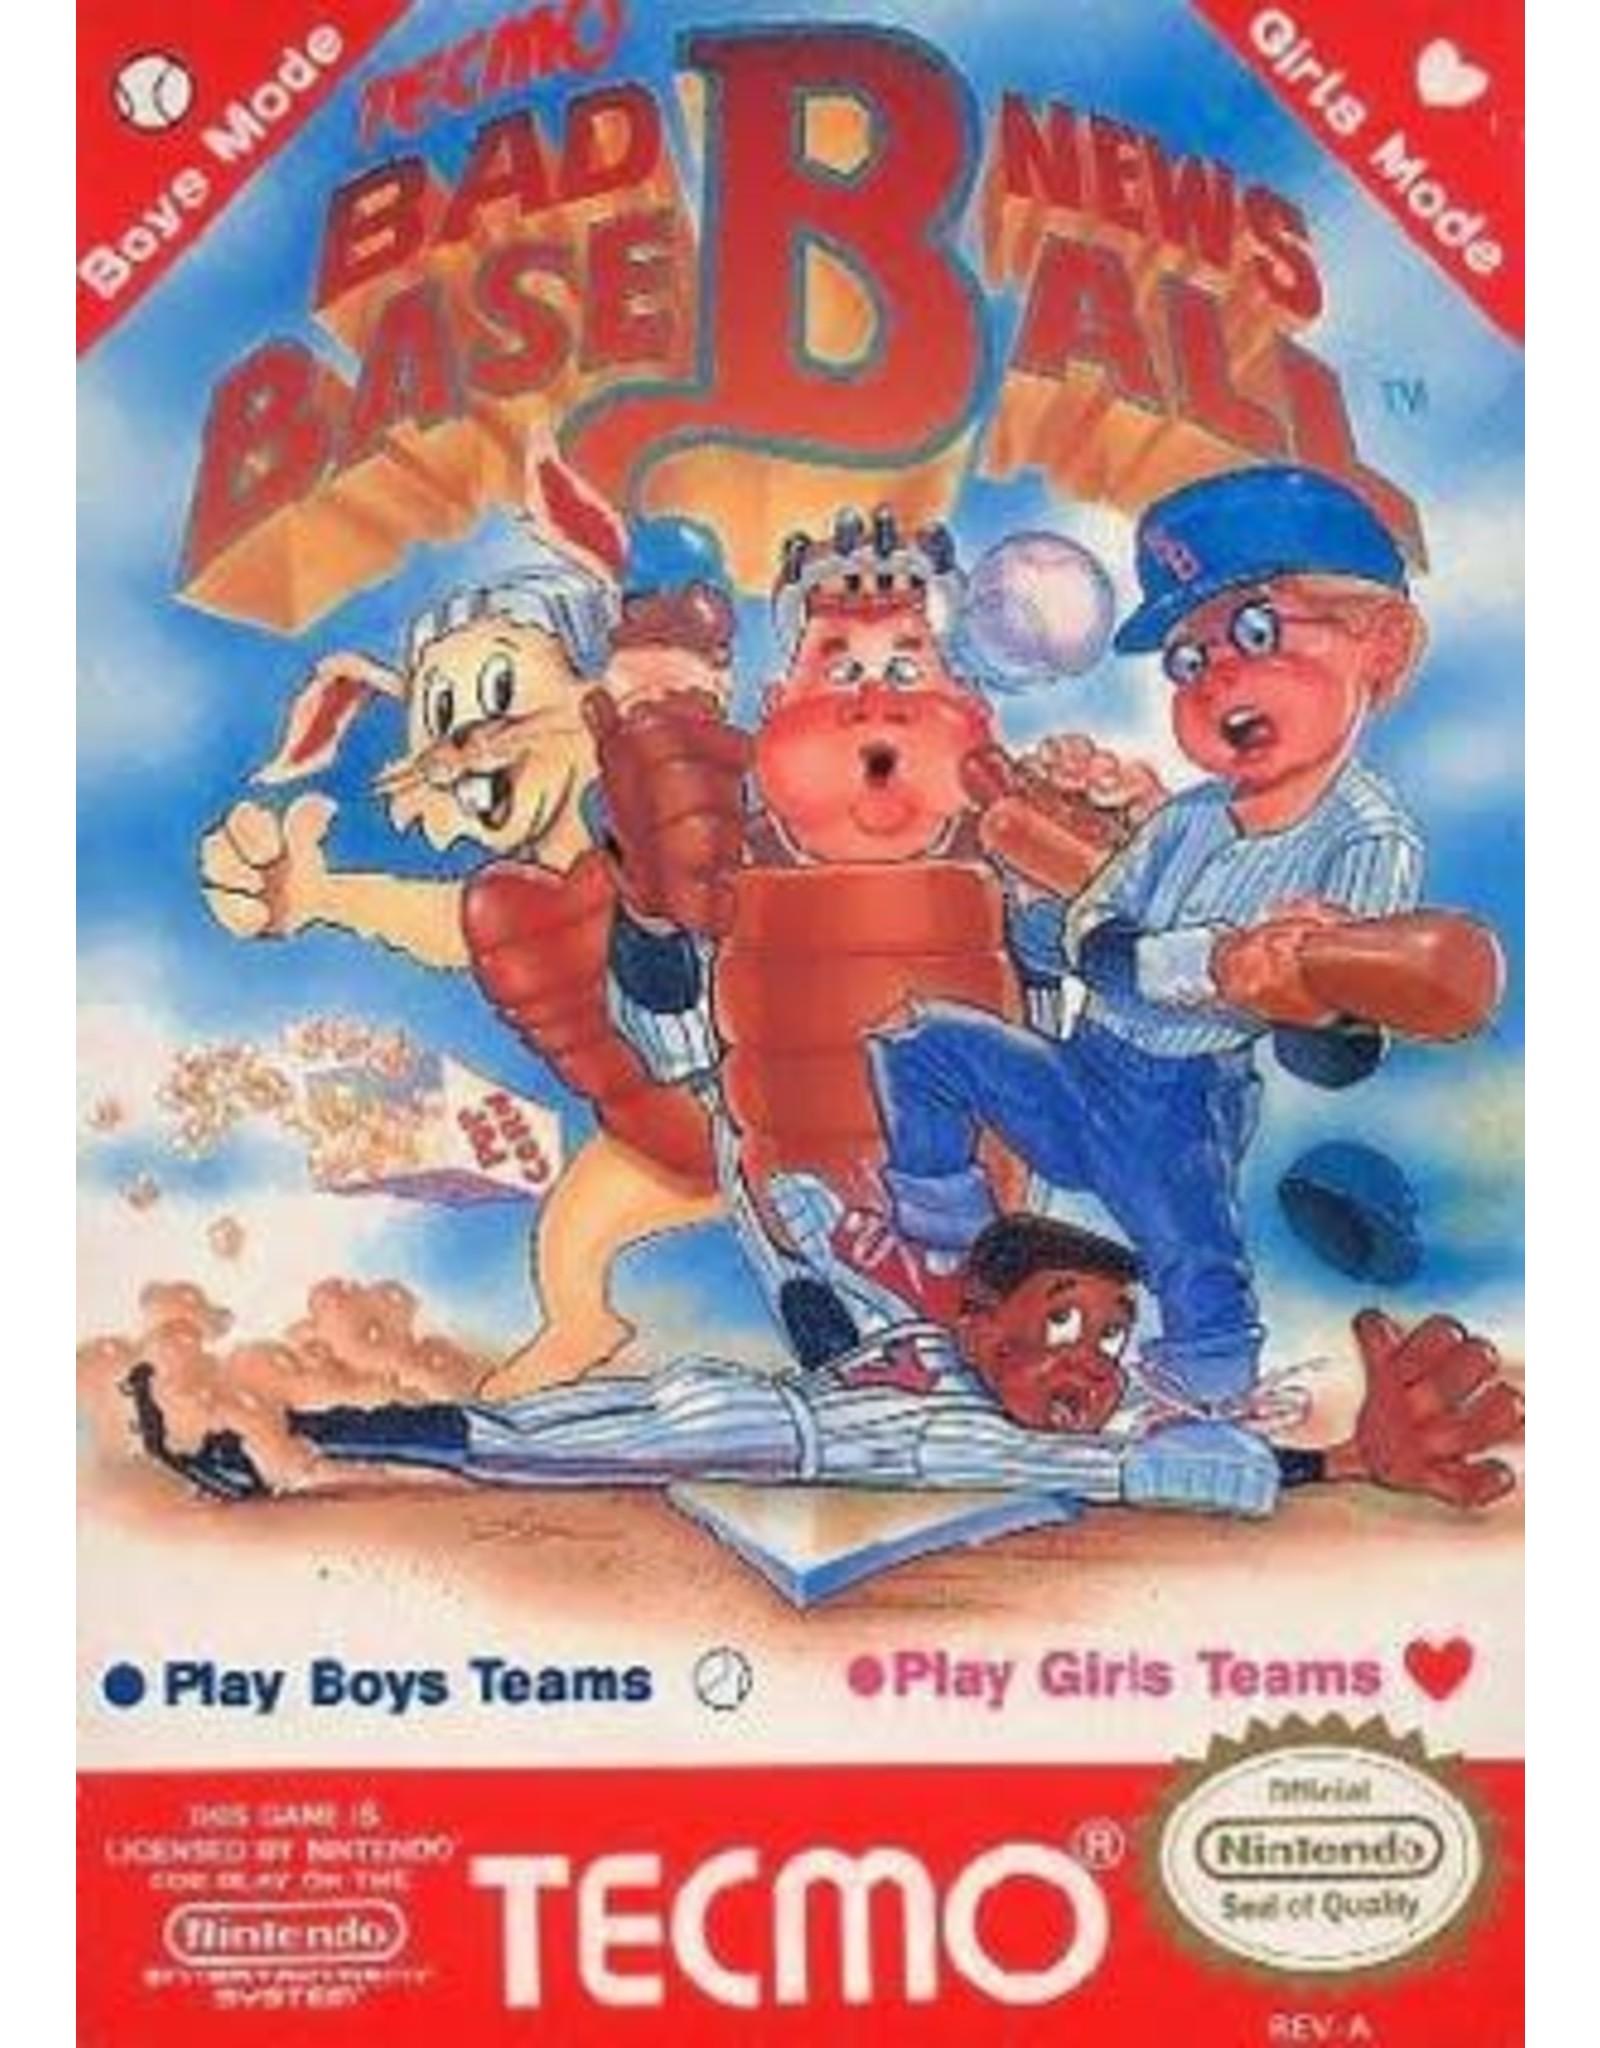 NES Bad News Baseball (Cart Only)